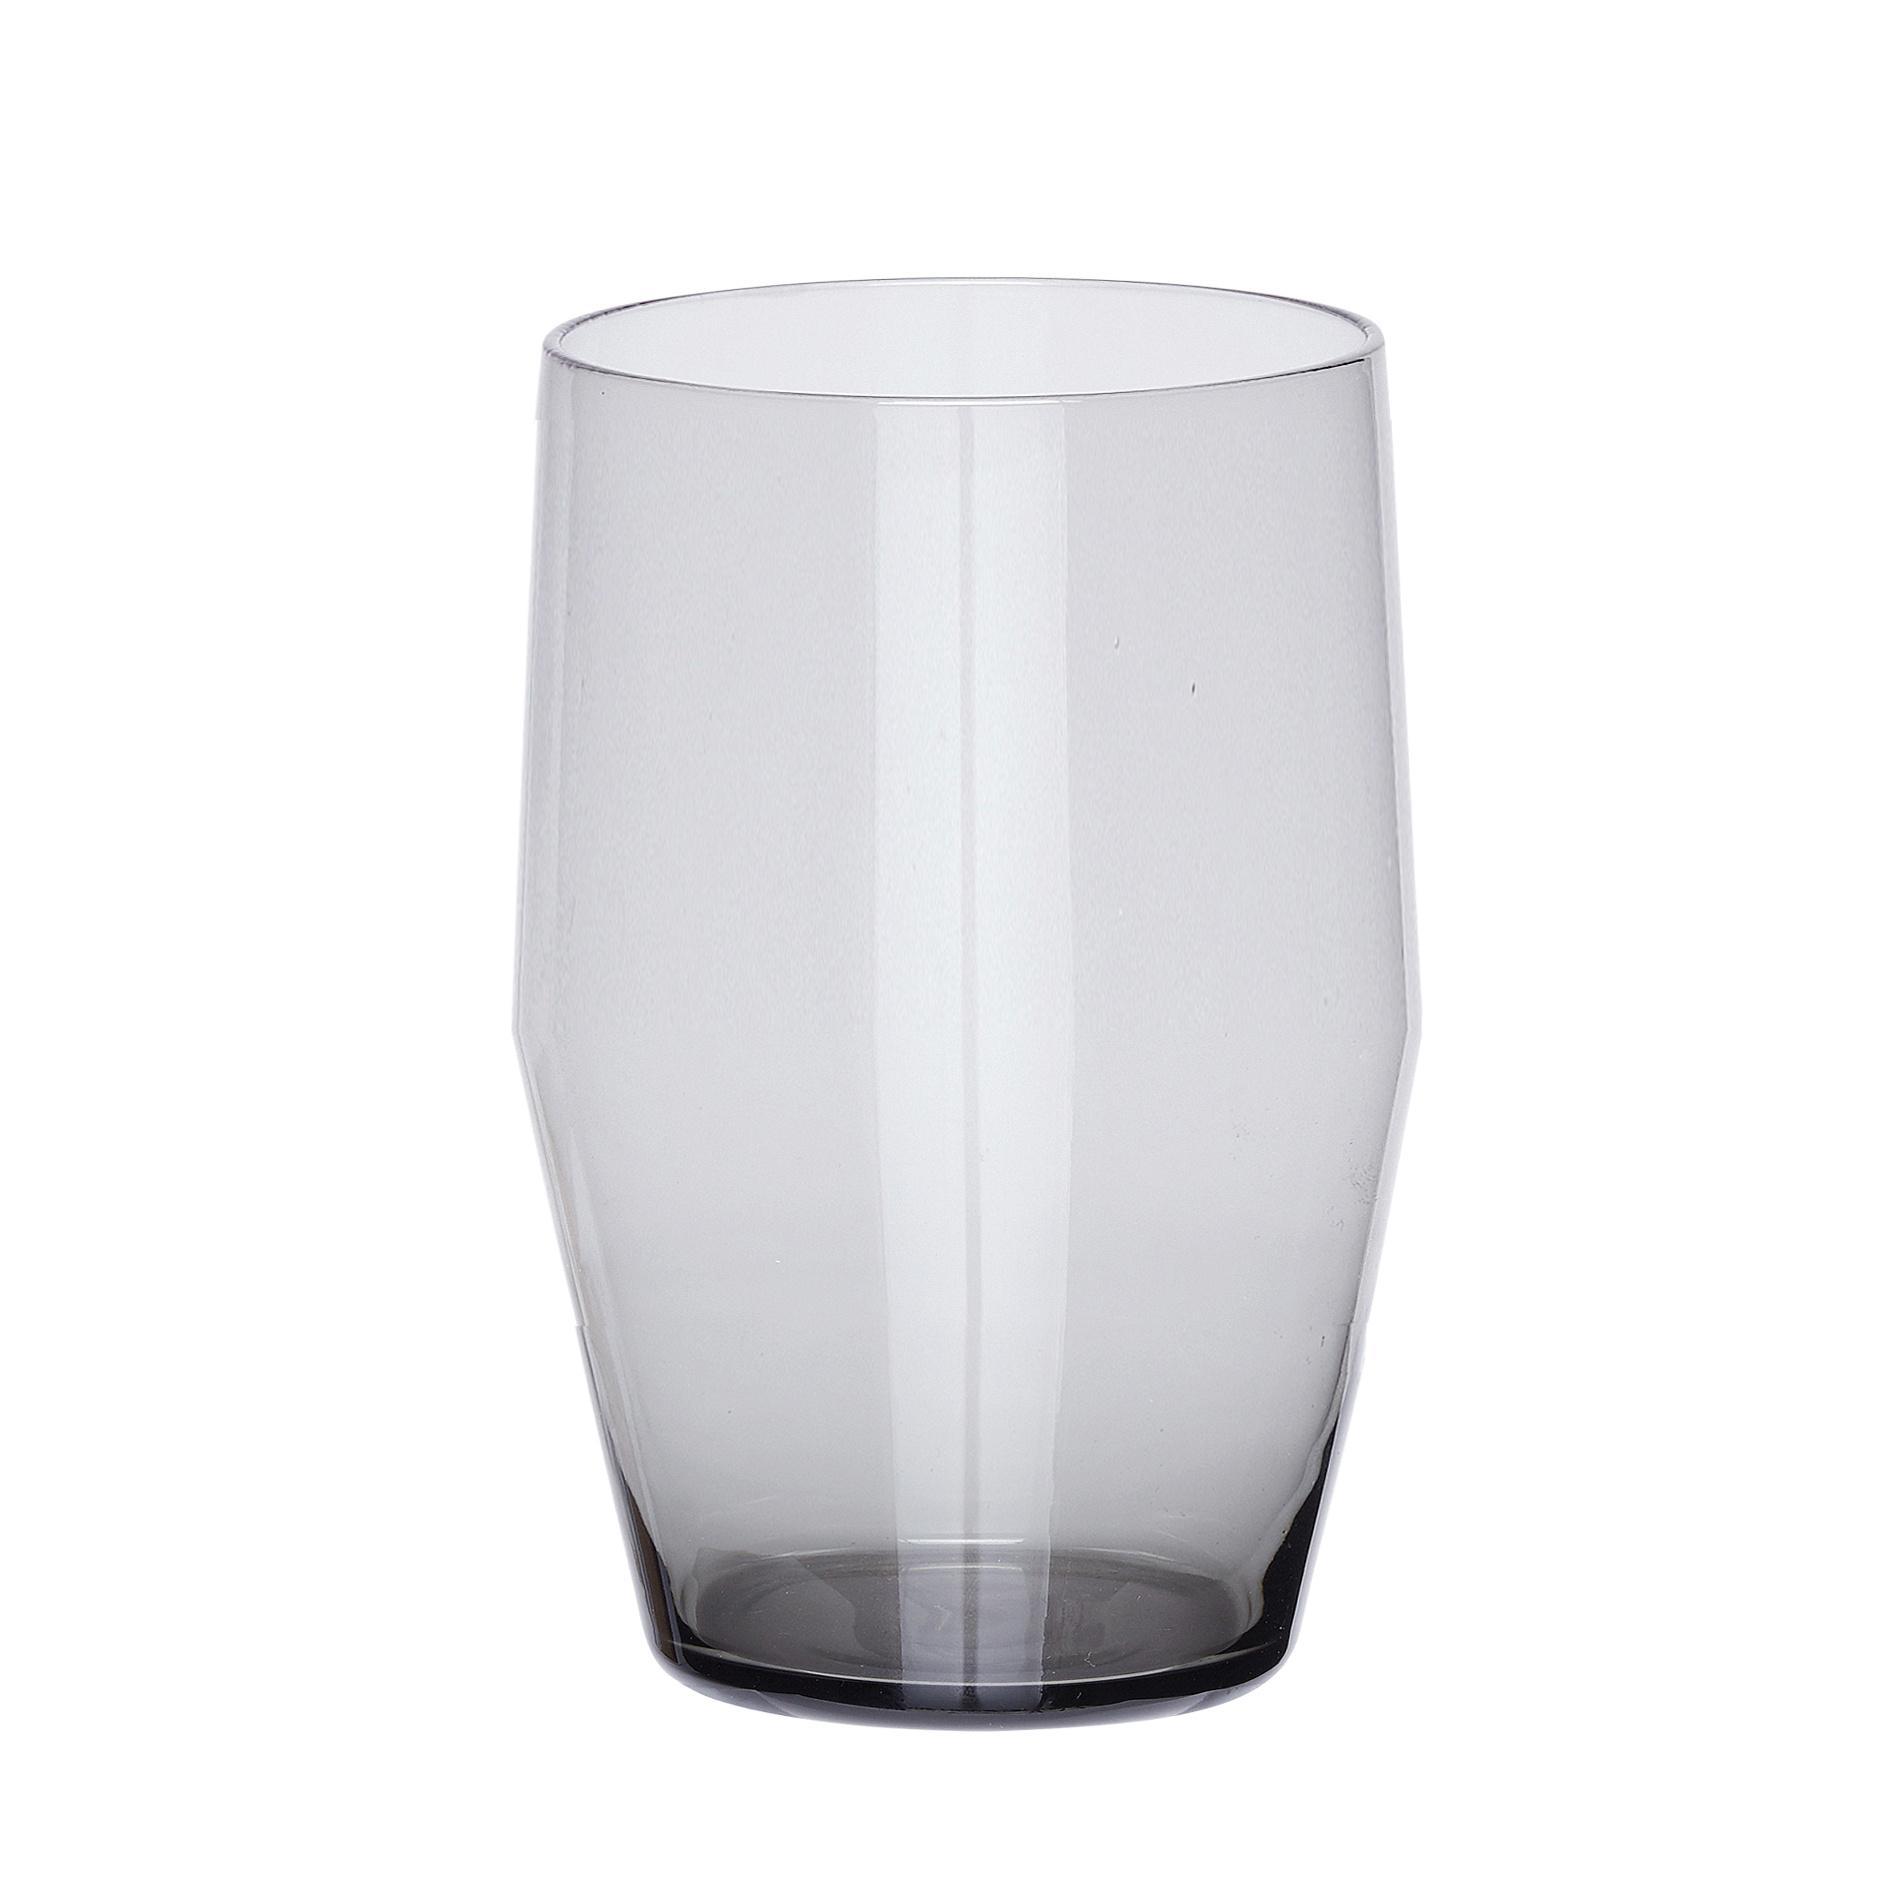 Hubsch Drinkglas, grijs-480105-5712772047101